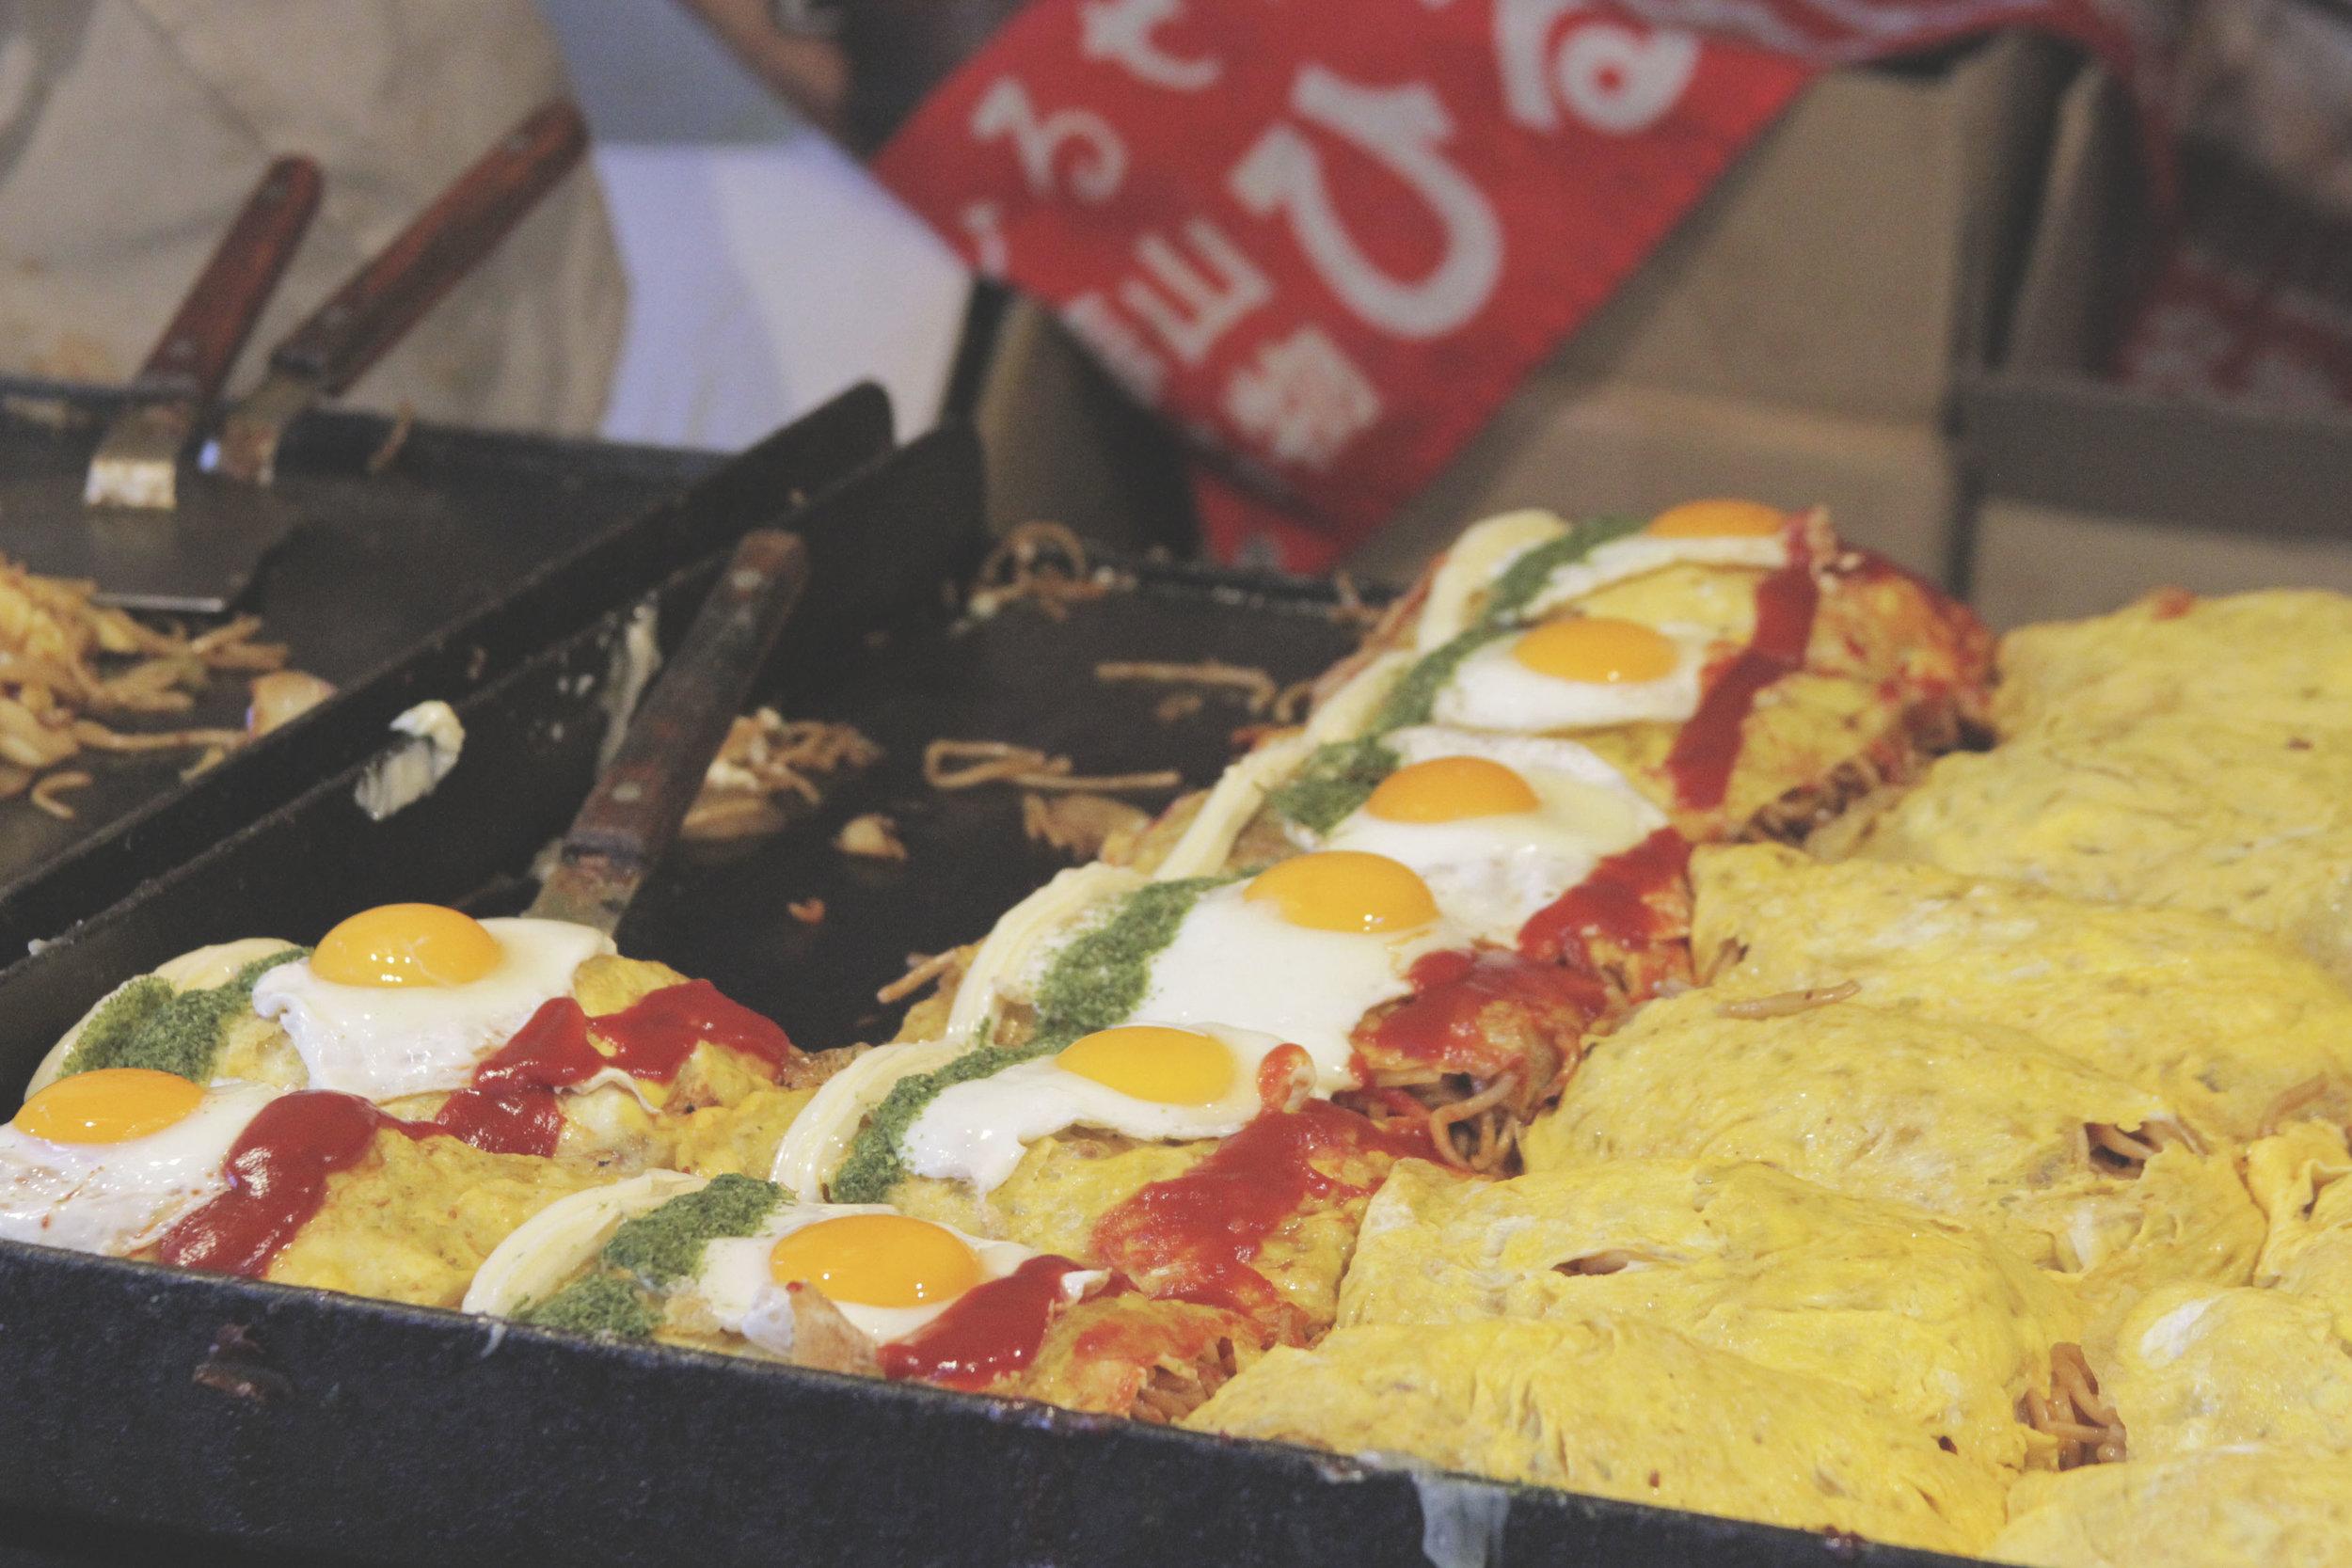 Maruyama comida 2.jpg